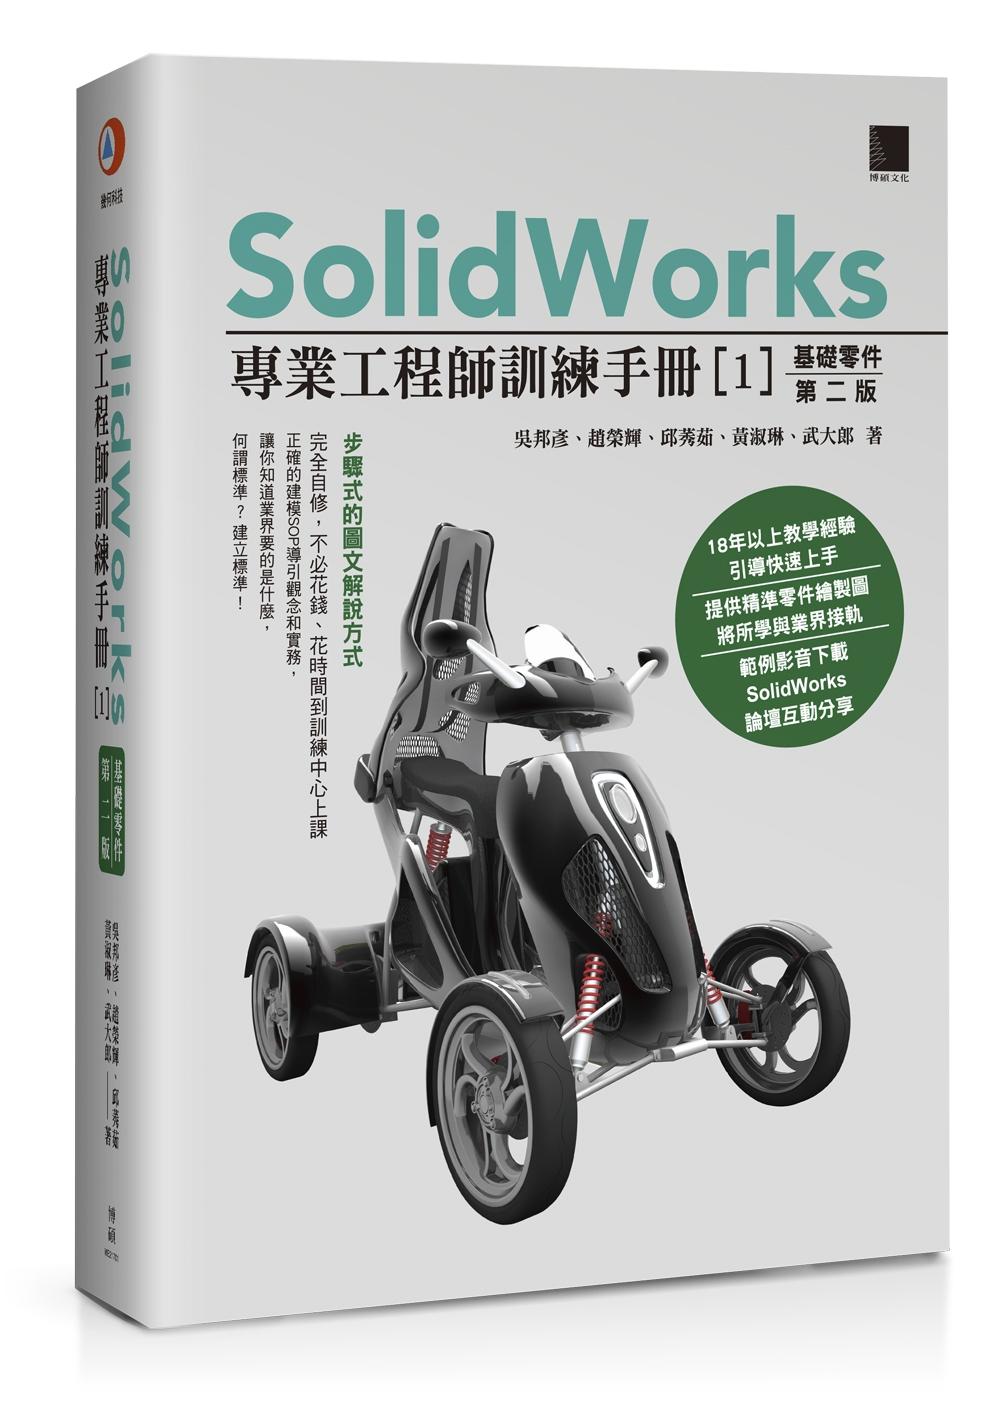 SolidWorks專業工程師訓練手冊[1]:基礎零件(第二版)